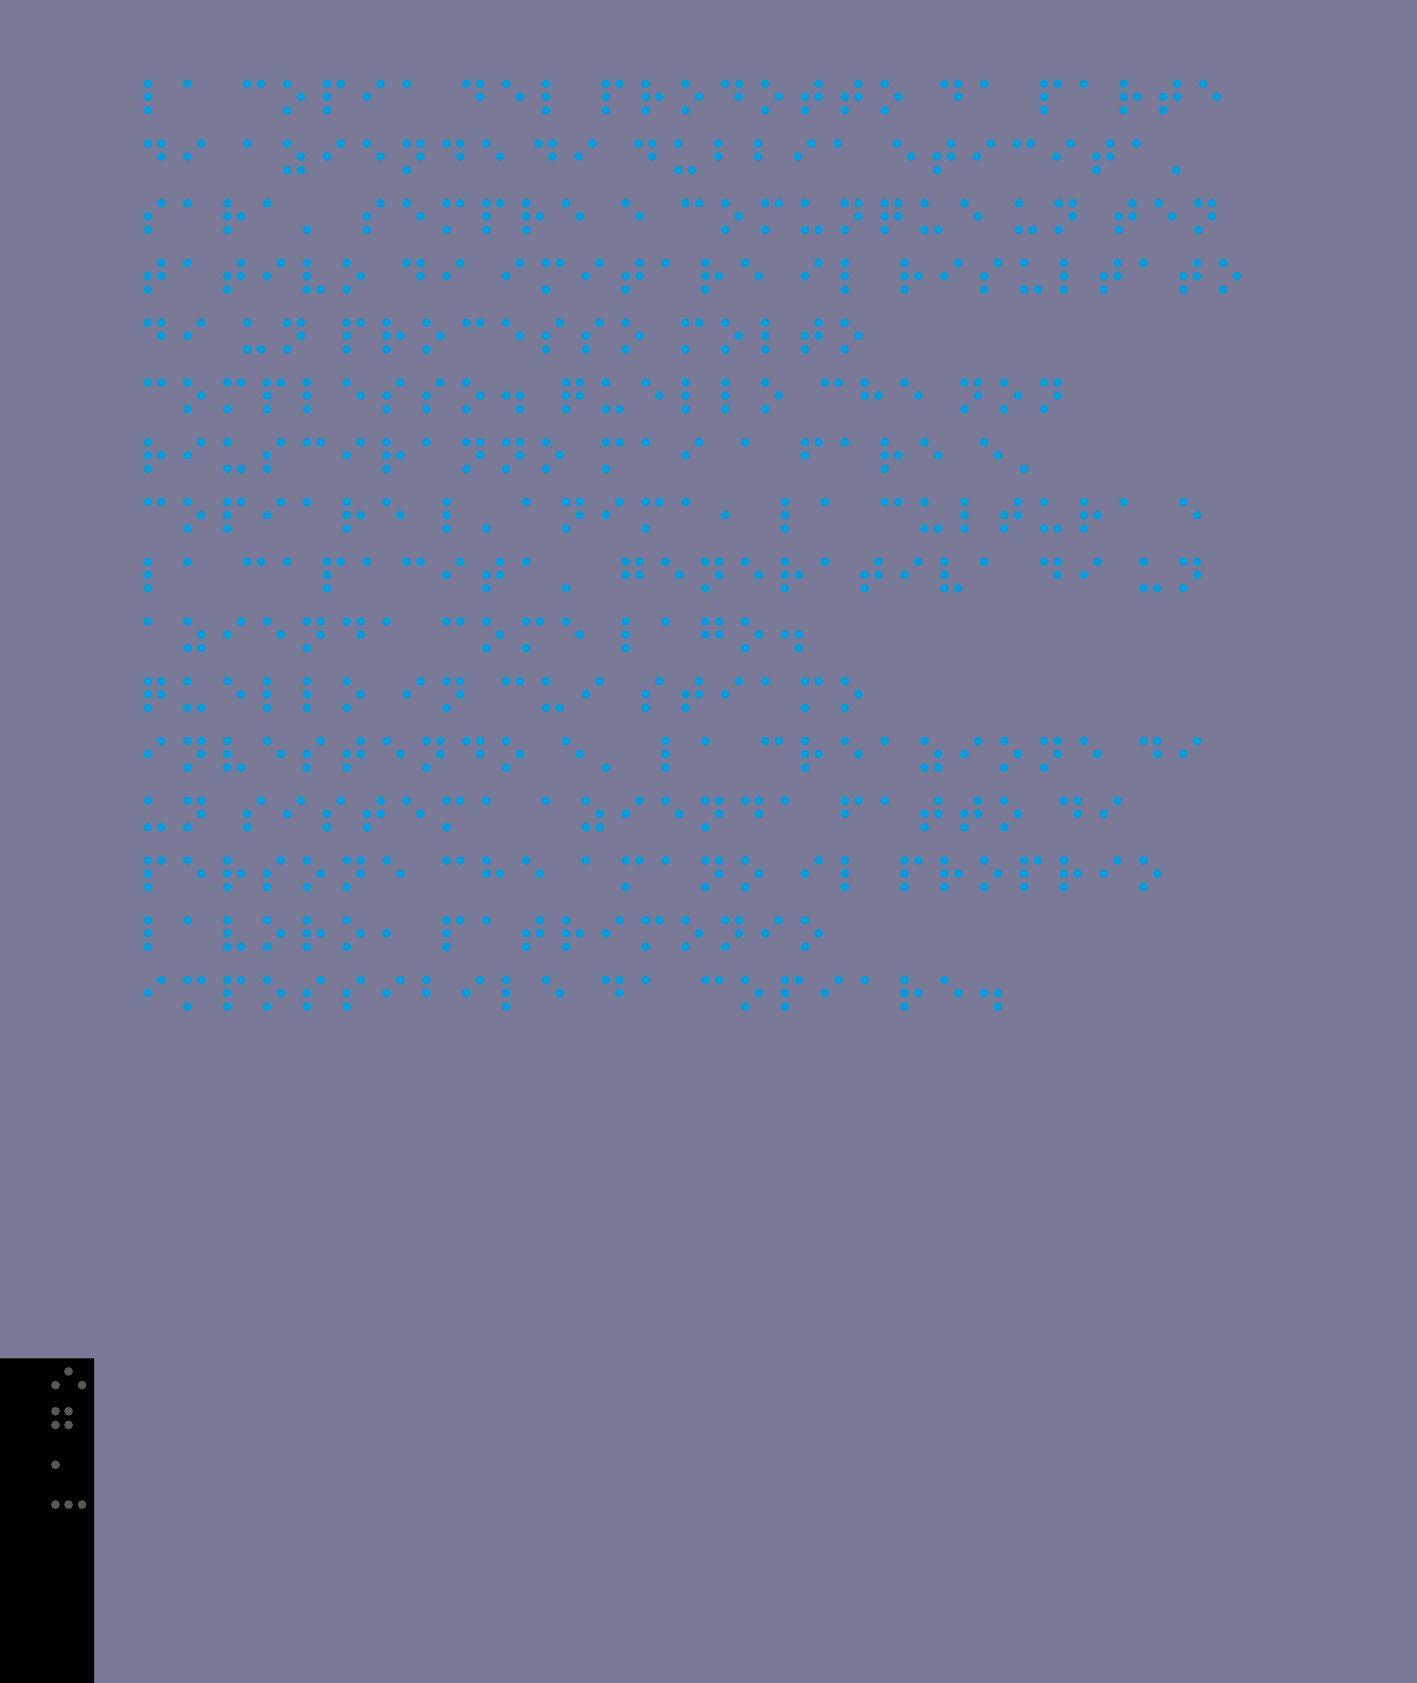 Nuovo catalogo 36e8 by lago s p a issuu for Lago villa del conte